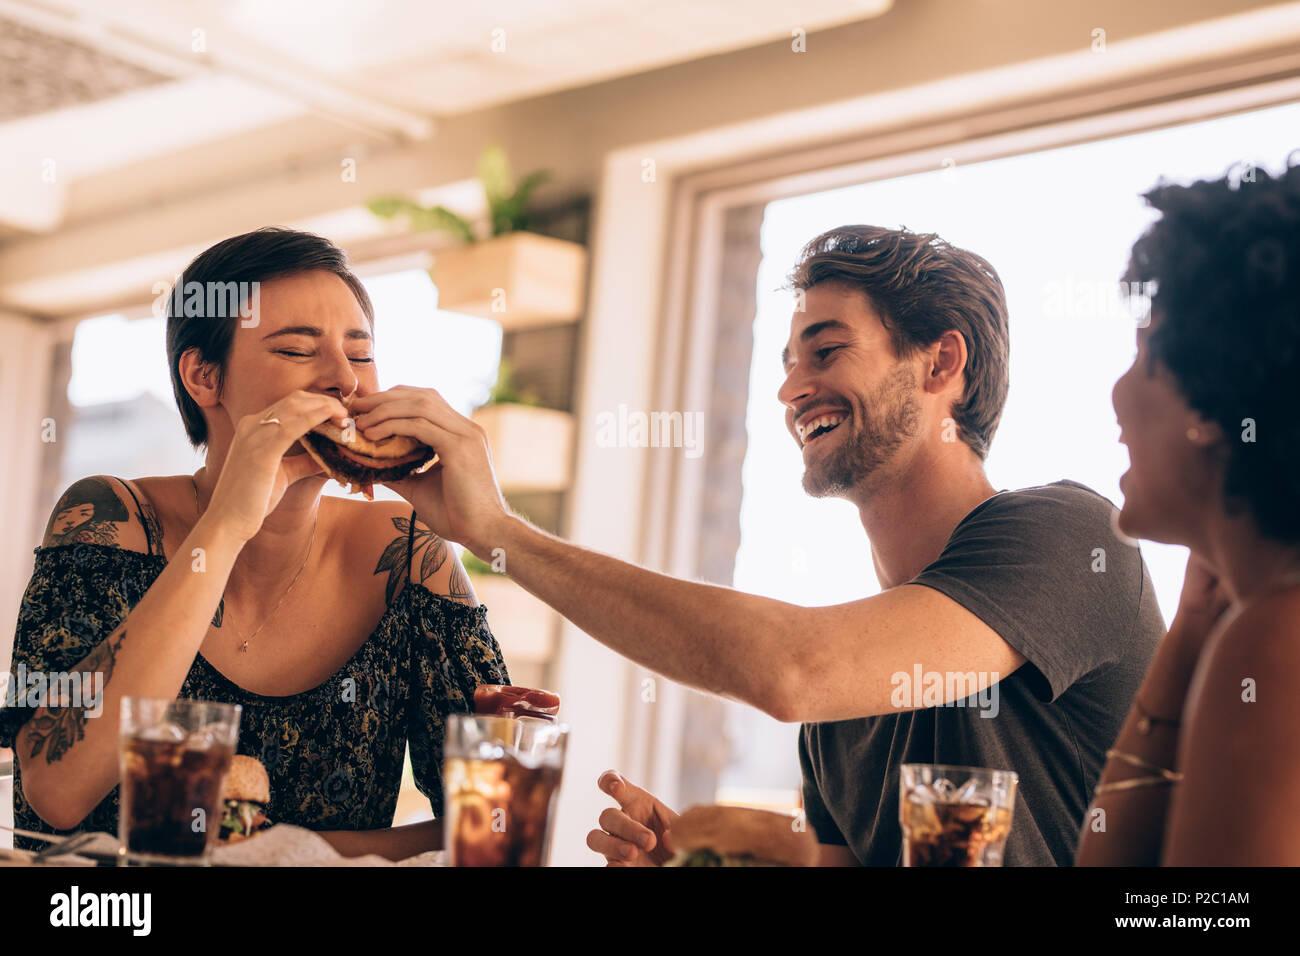 Mujer tomar una mordedura de amigos en un restaurante de hamburguesas. Grupo de jóvenes que tienen la comida en un restaurante. Imagen De Stock